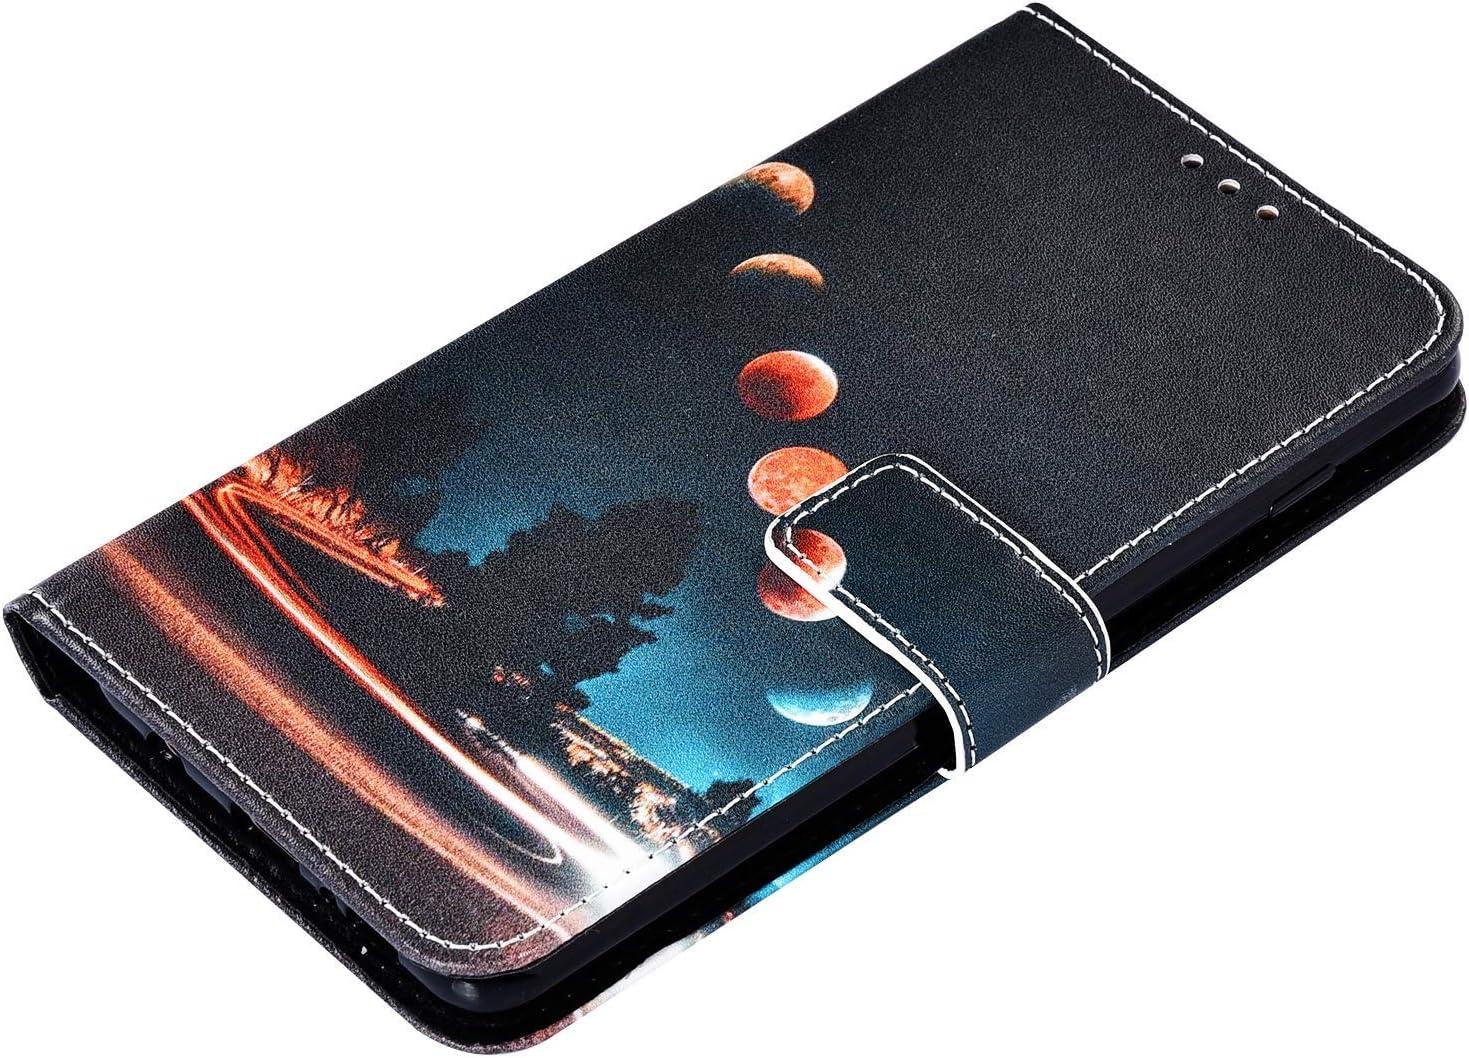 Samsung Galaxy S10e H/ülle Ledertasche Klappbar Brieftasche,3D Bunt Bemalt Muster PU Leder Handy Tasche Kartenf/ächer Handyh/ülle Schutzh/ülle Wallet Flip Case mit Standfunktion,Katze und Tiger